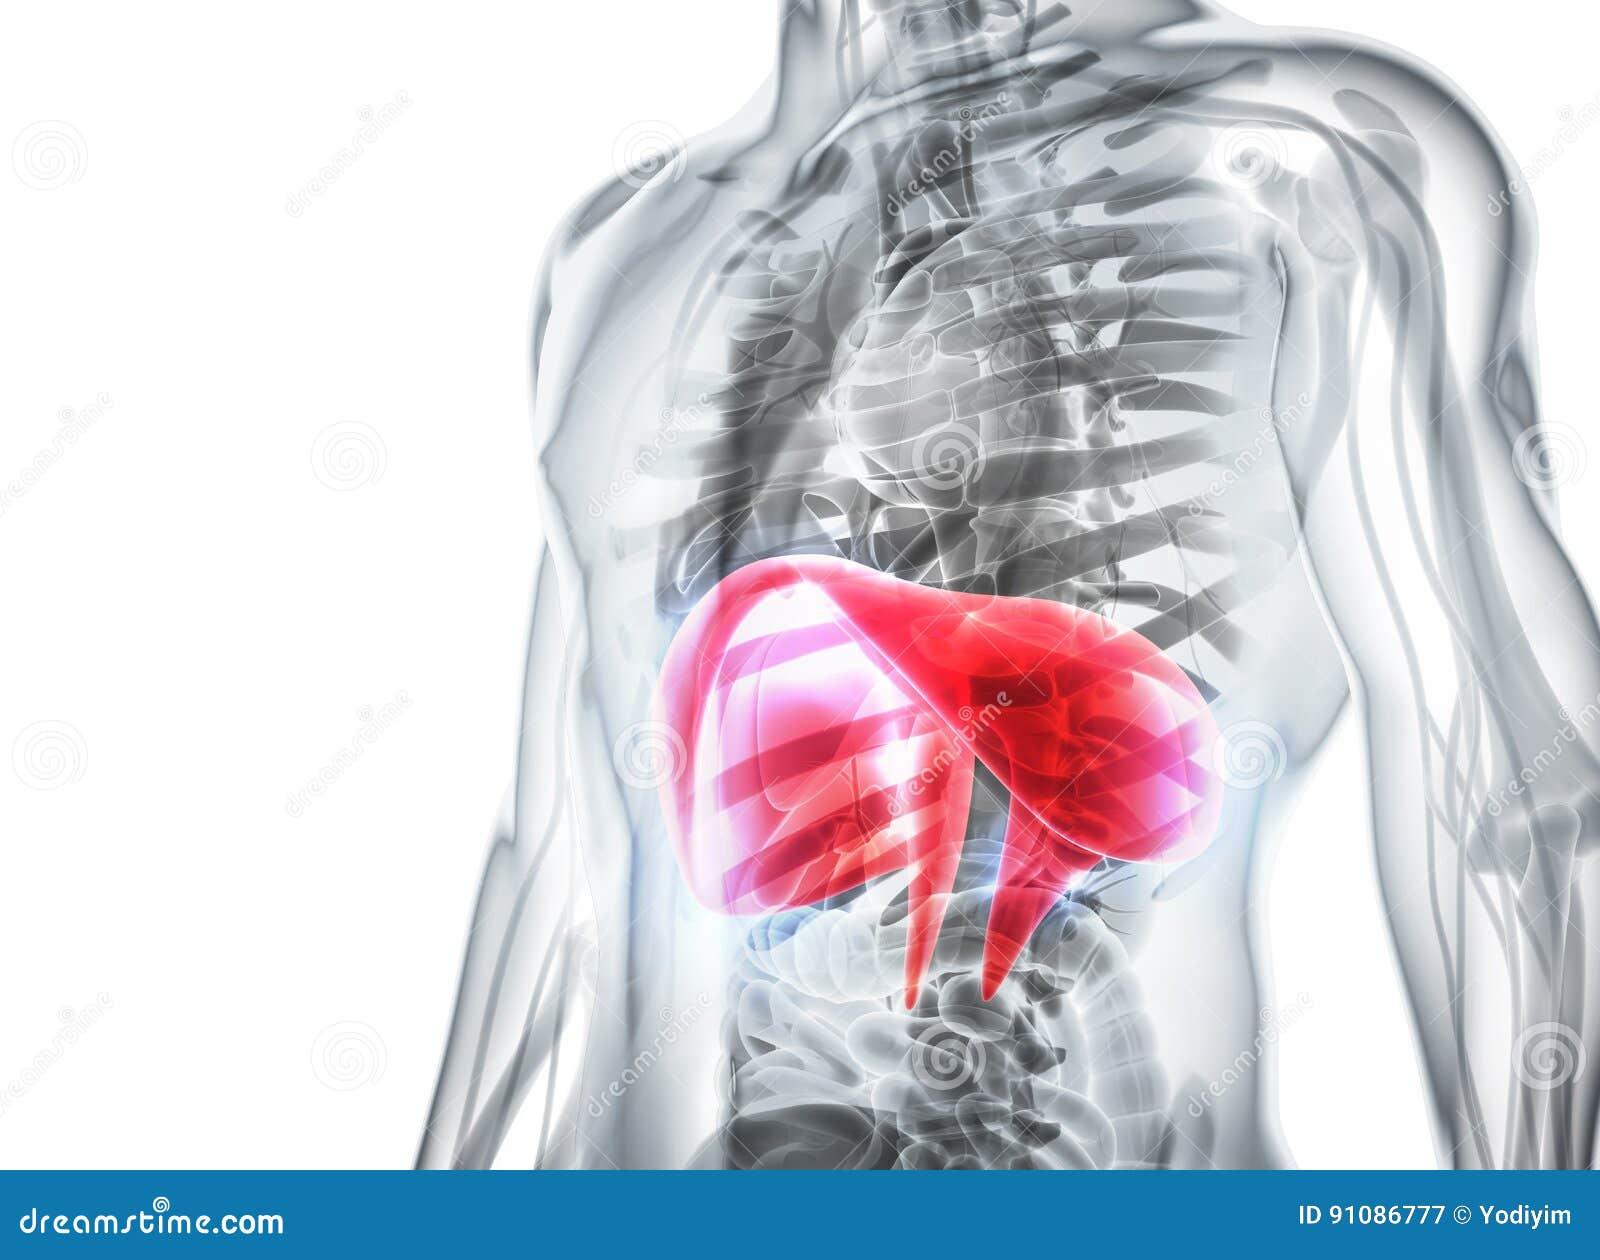 3d Illustration Of Diaphragm Medical Concept Stock Illustration